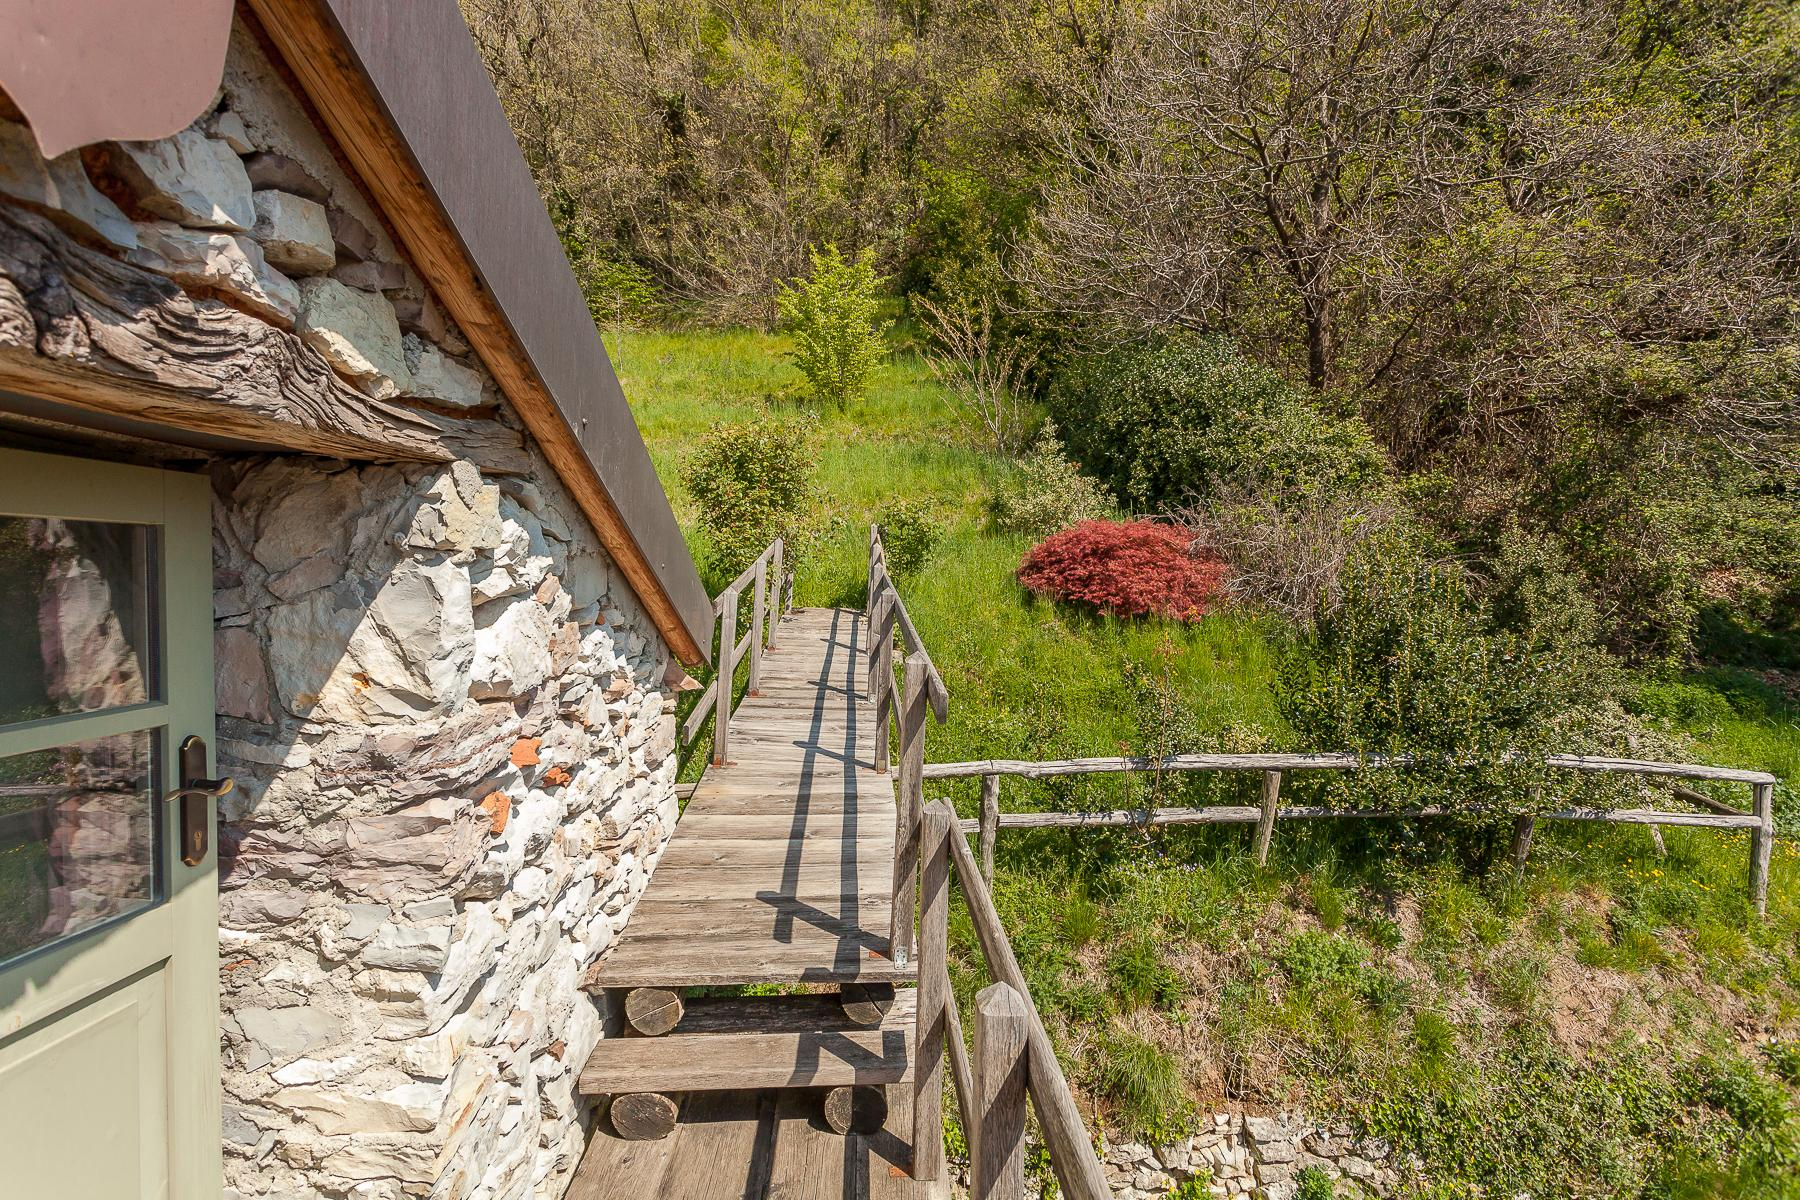 坐落在山坡之上安静村庄内的石头房屋 - 14